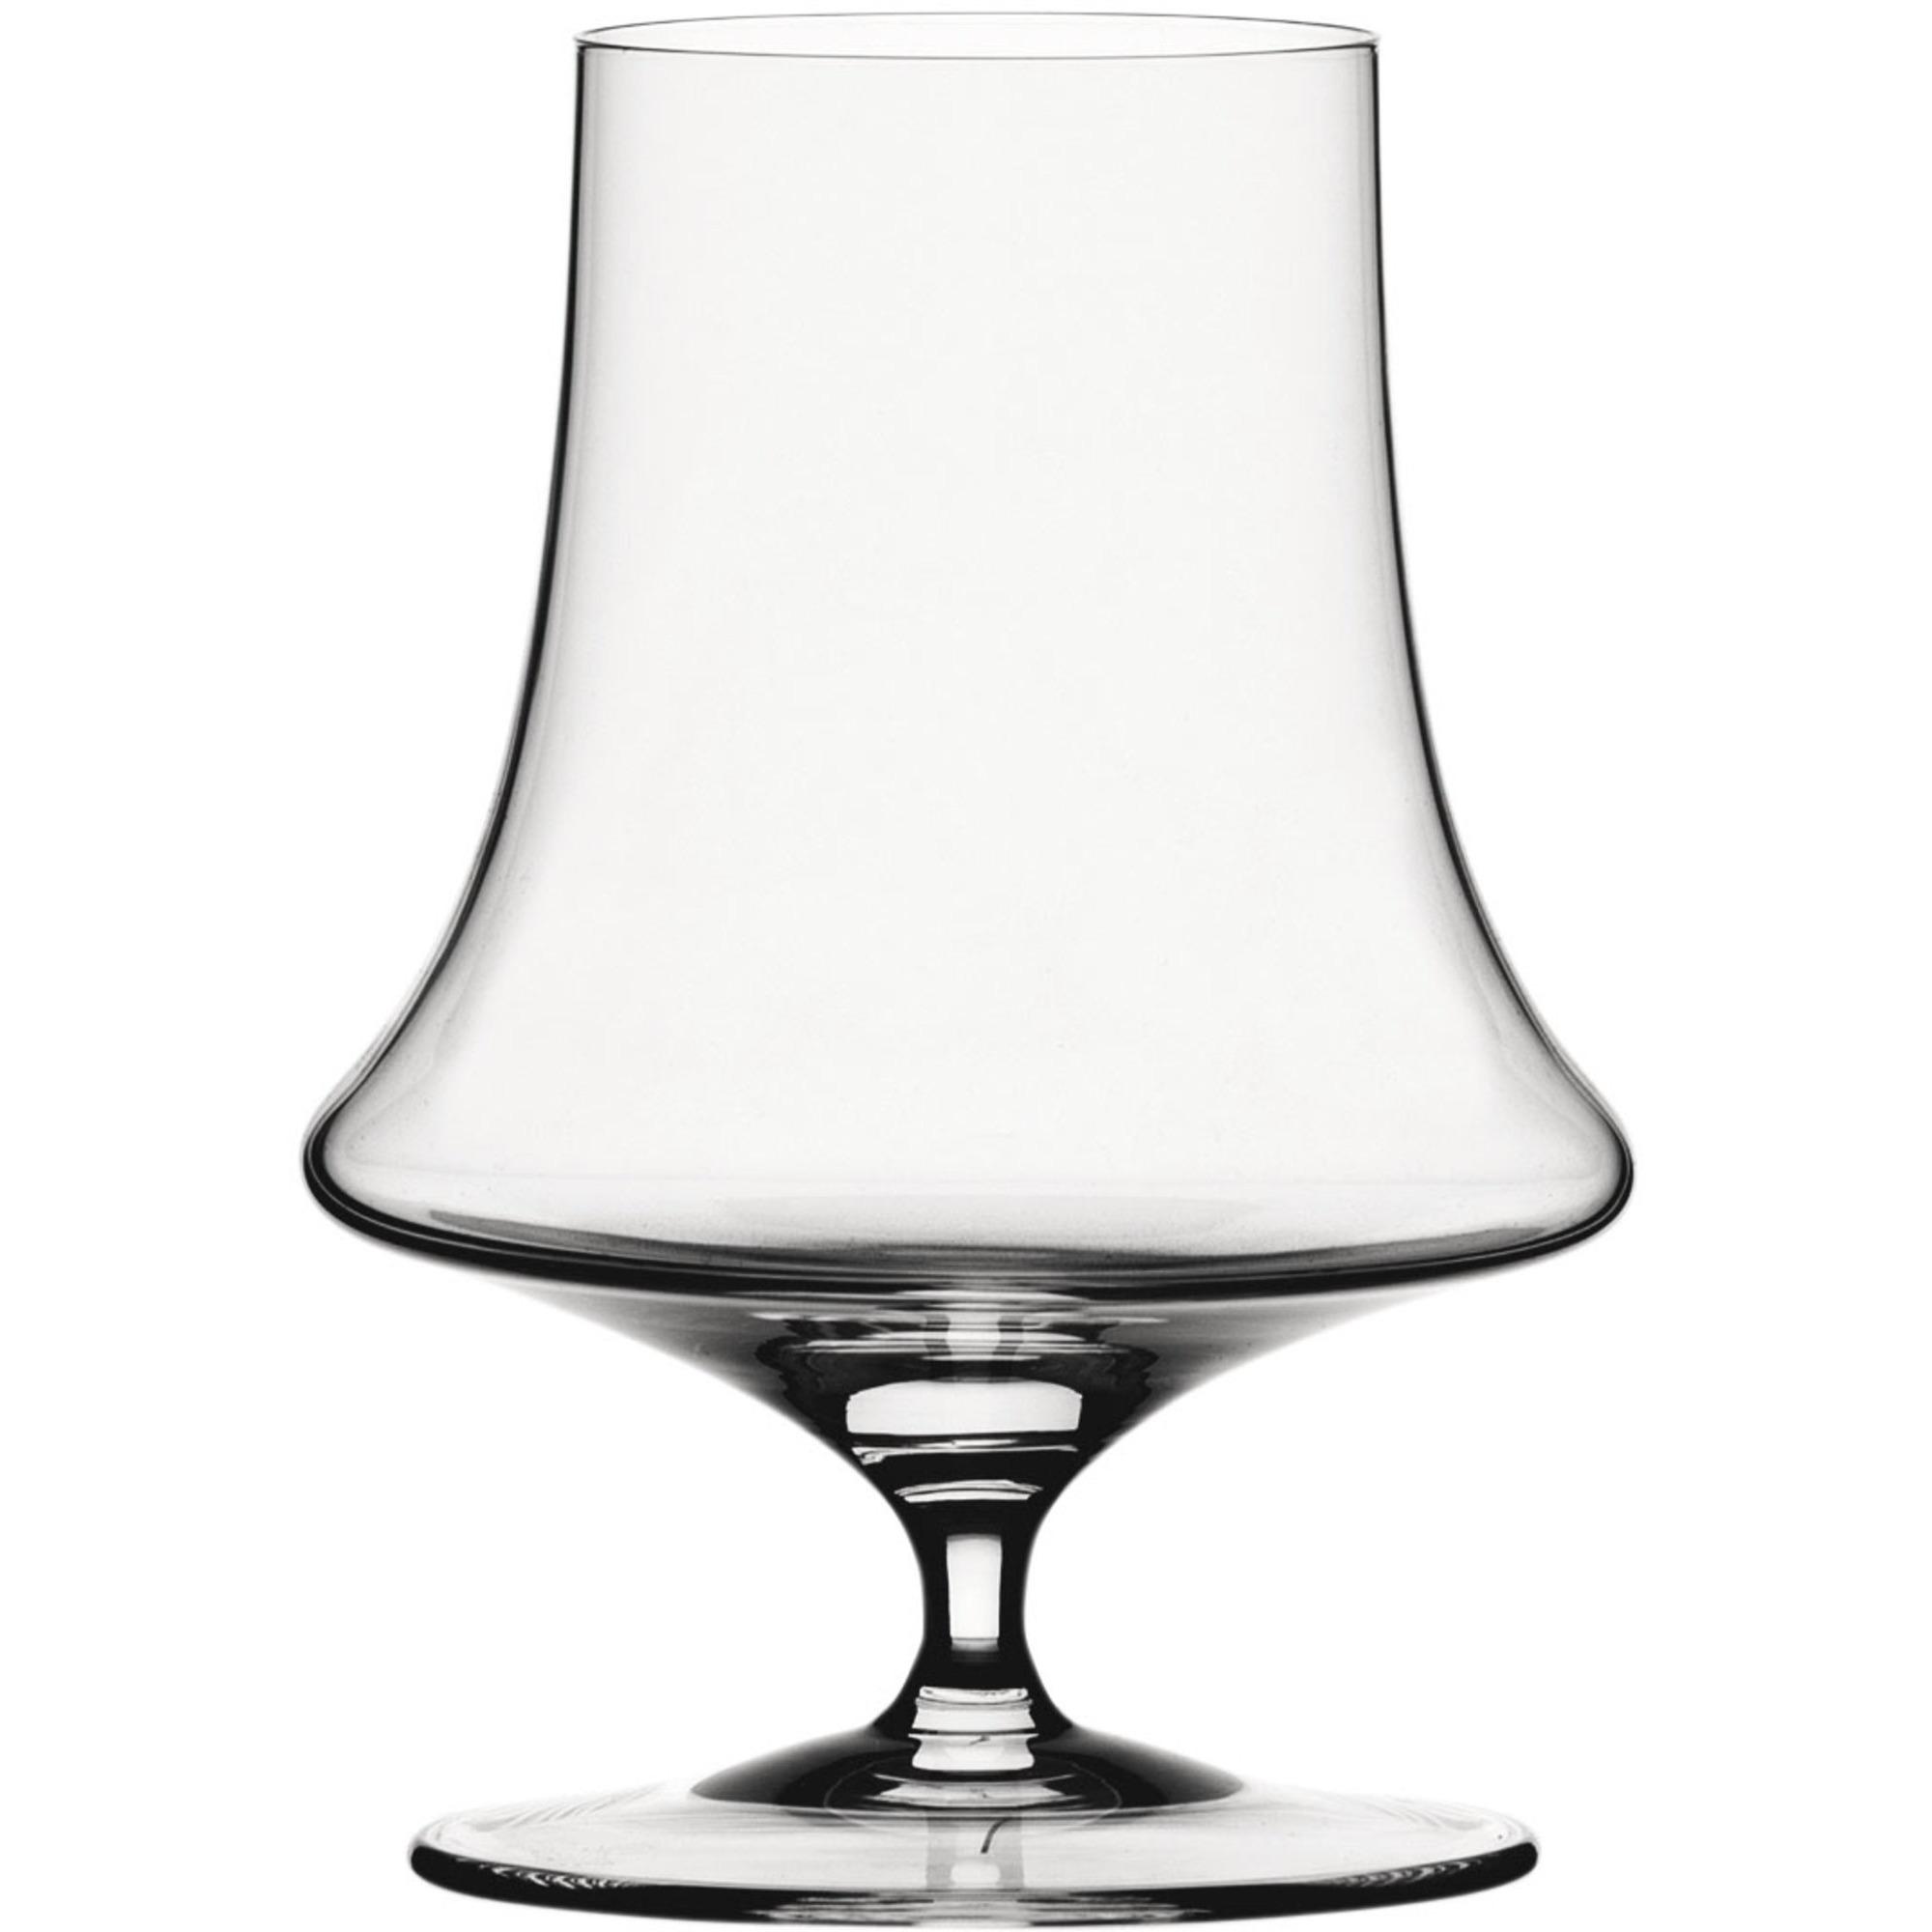 Spiegelau Willsberger Whiskyglas 34cl 4-p